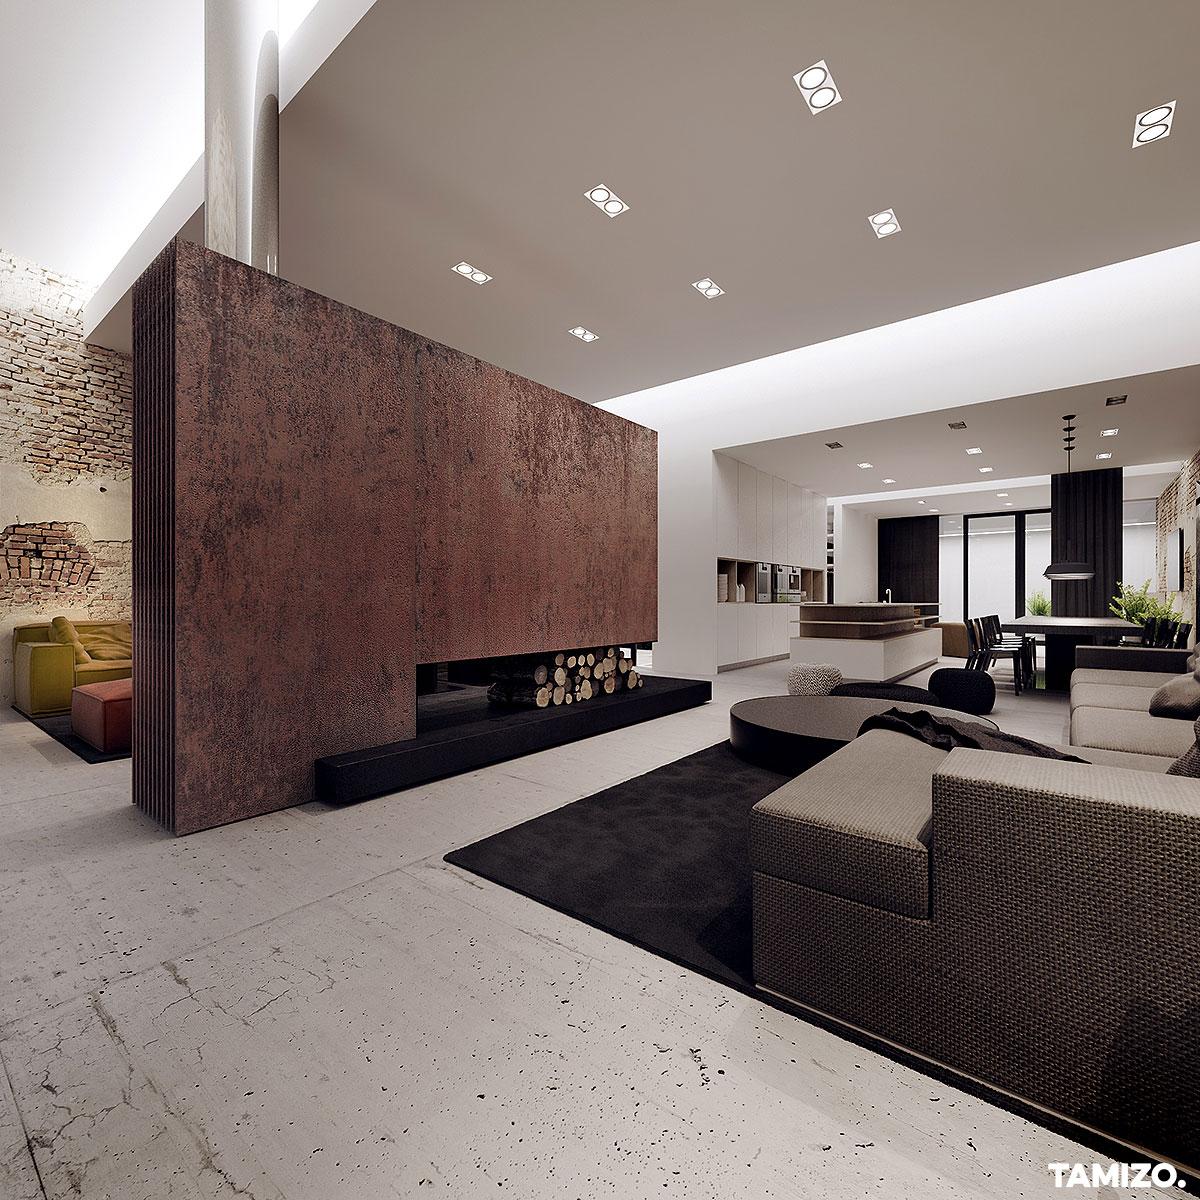 I049_tamizo_architekci_ekspozycja-salon-wnetrza-showroom-kler-projekt-konkursowy-02